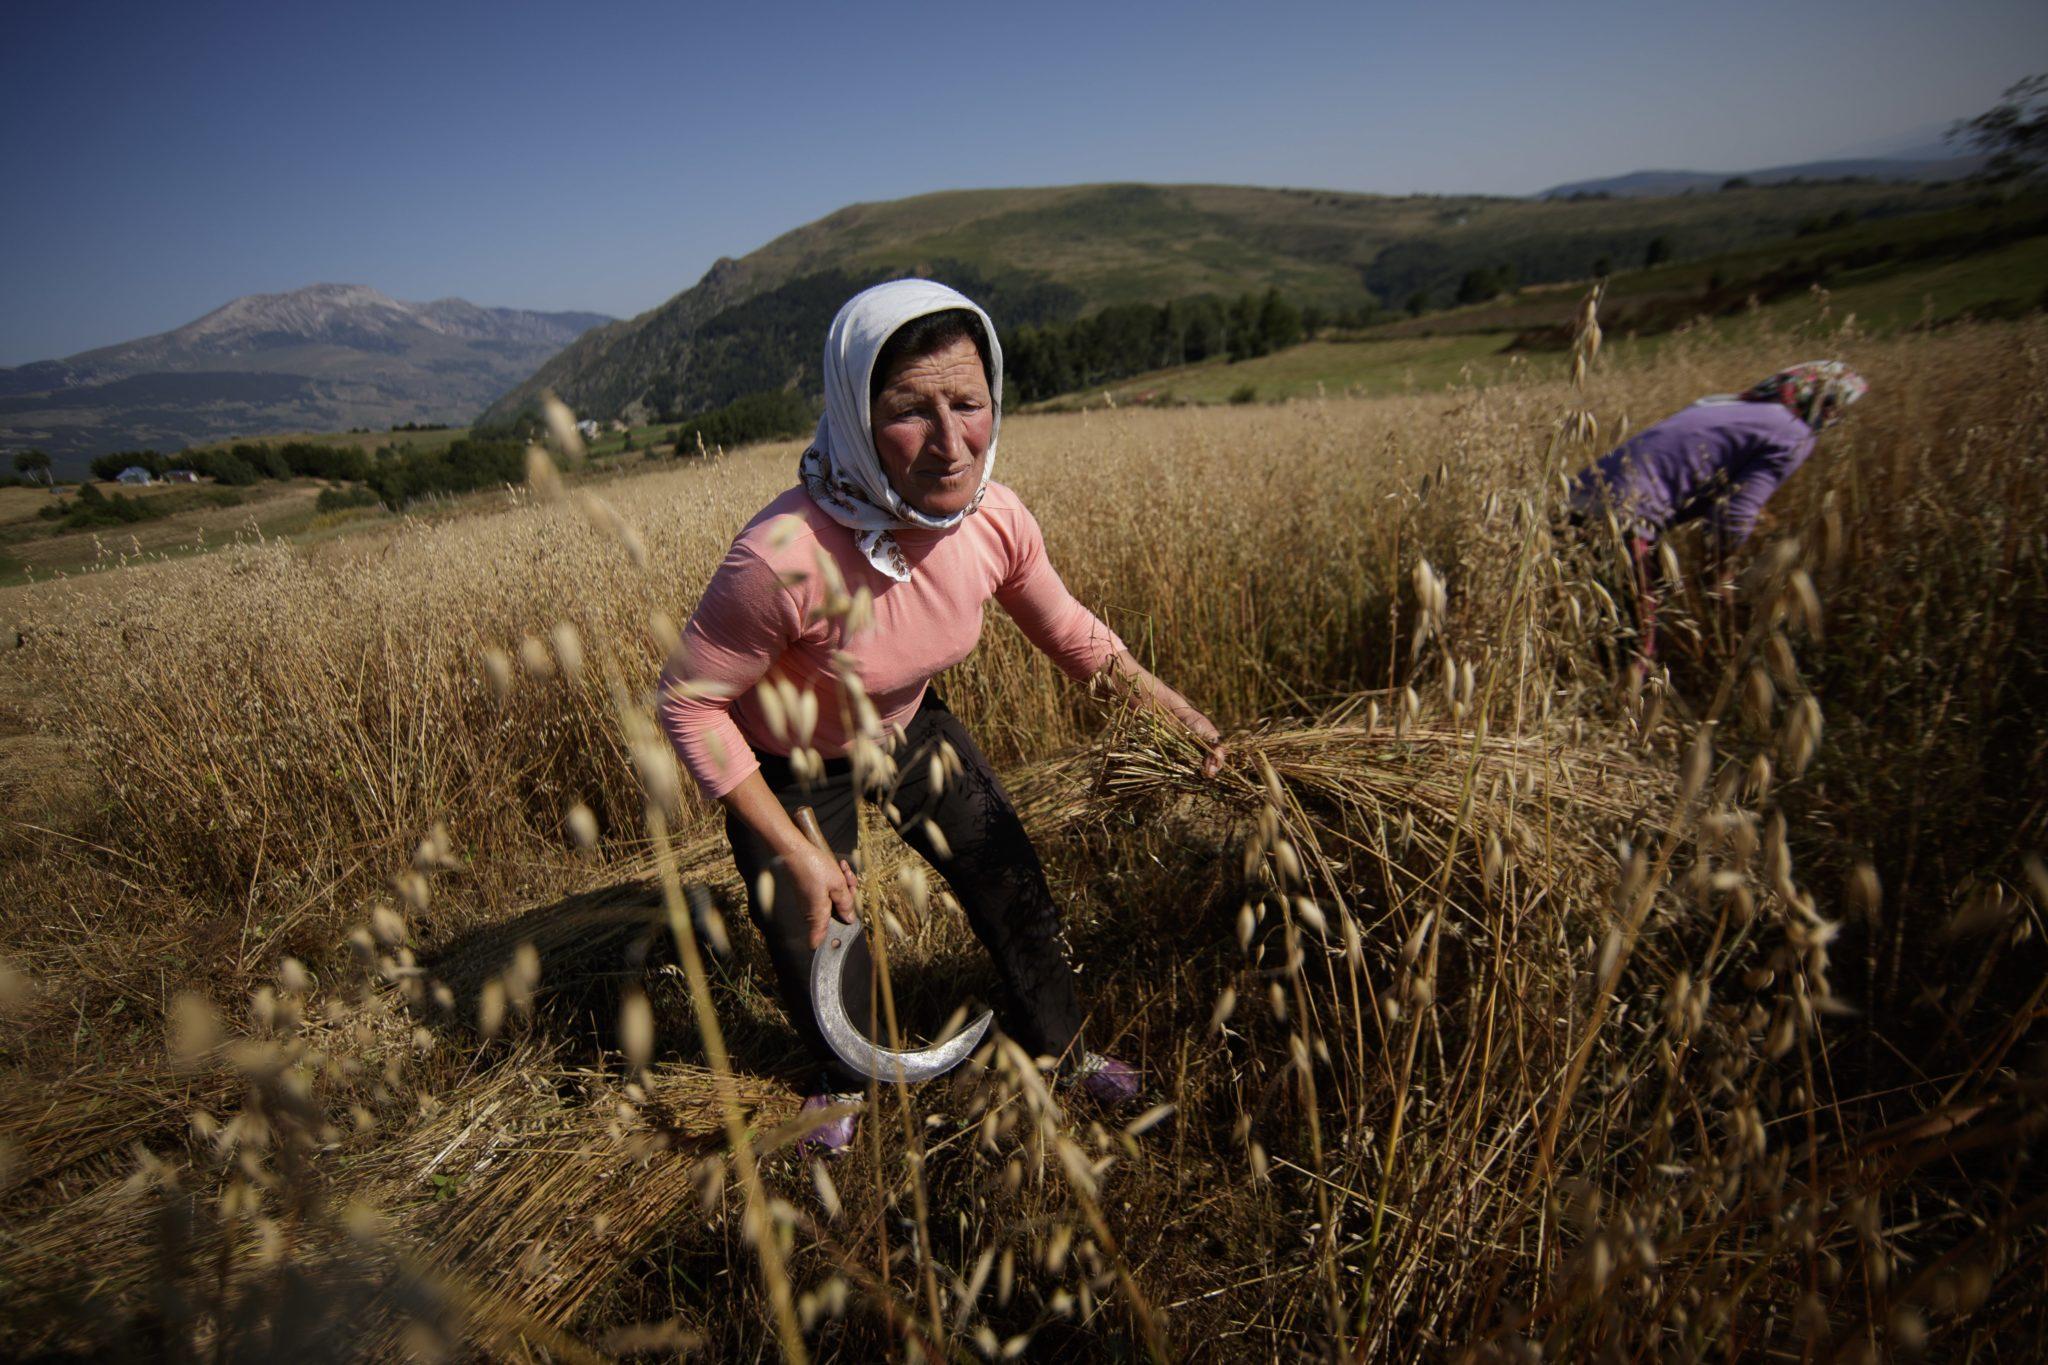 Kobiety zbierają owies w miejscowości Turaj w Albanii. Wioska położona jest w regionie granicy trójkąta między Albanią, Kosowem i Macedonią na wysokości prawie 2500 metrów nad poziomem morza, fot. Valdrin Xhemaj, PAP/EPA